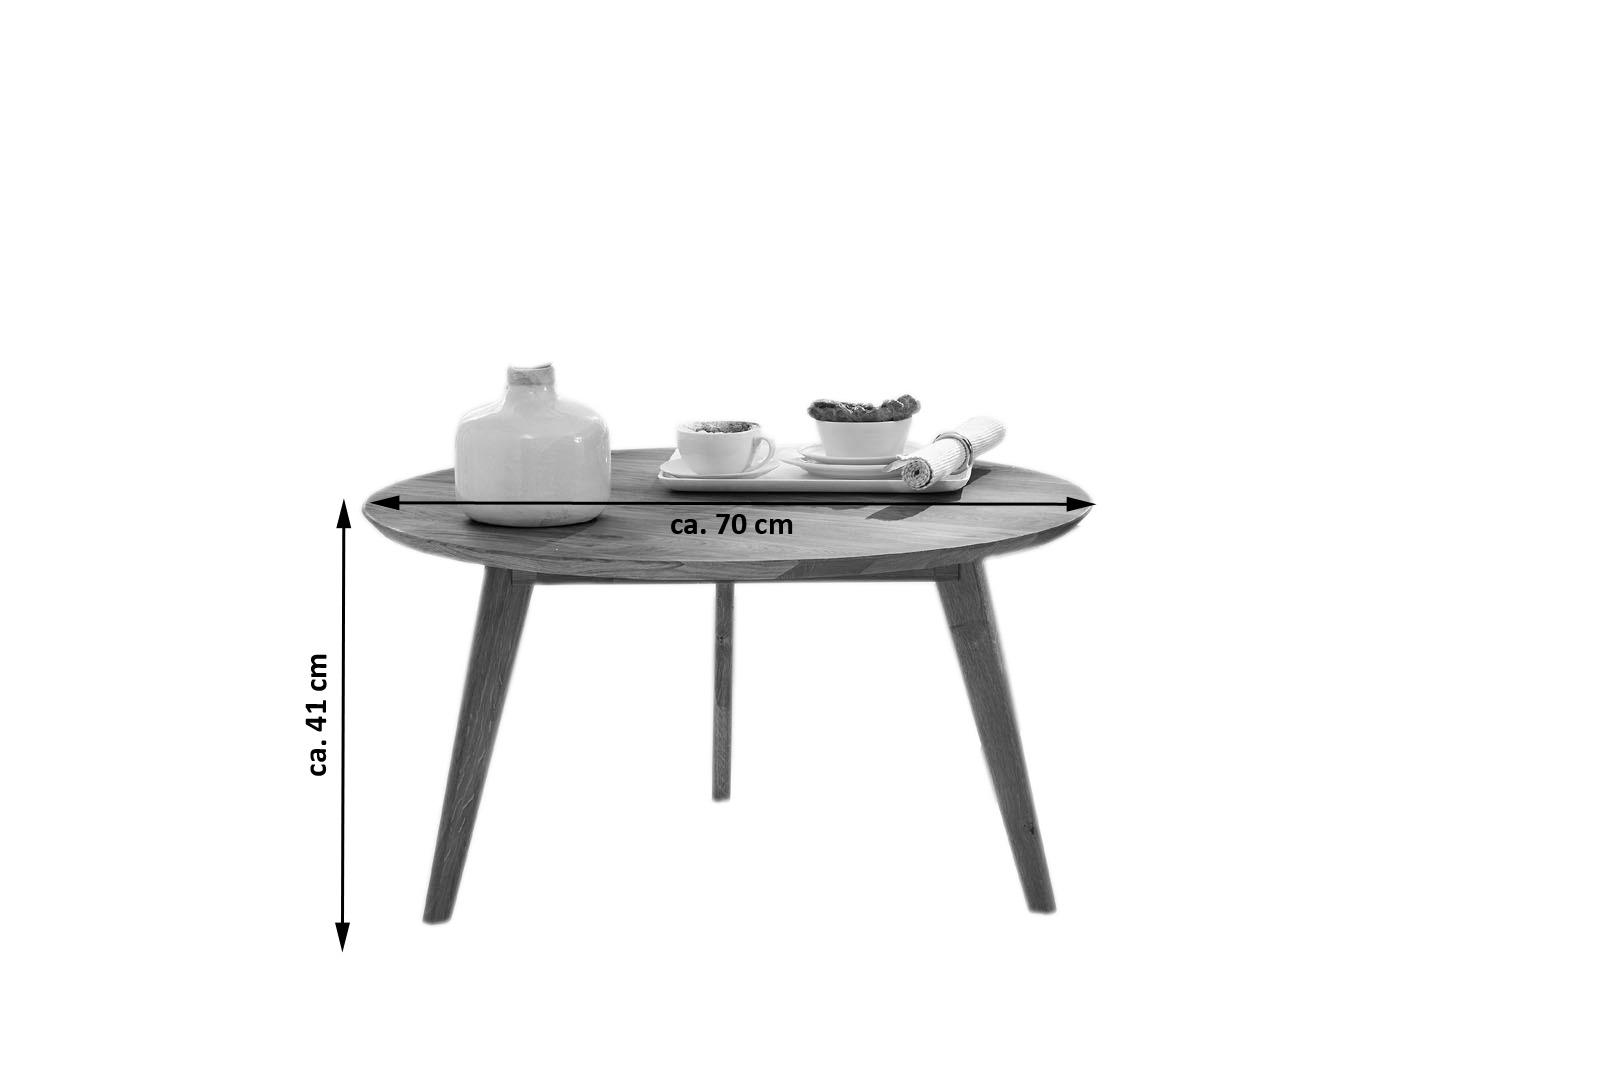 SALE Tisch Couchtisch Rund Kernbuche 70 Cm OLPE Auf Lager Itemprop